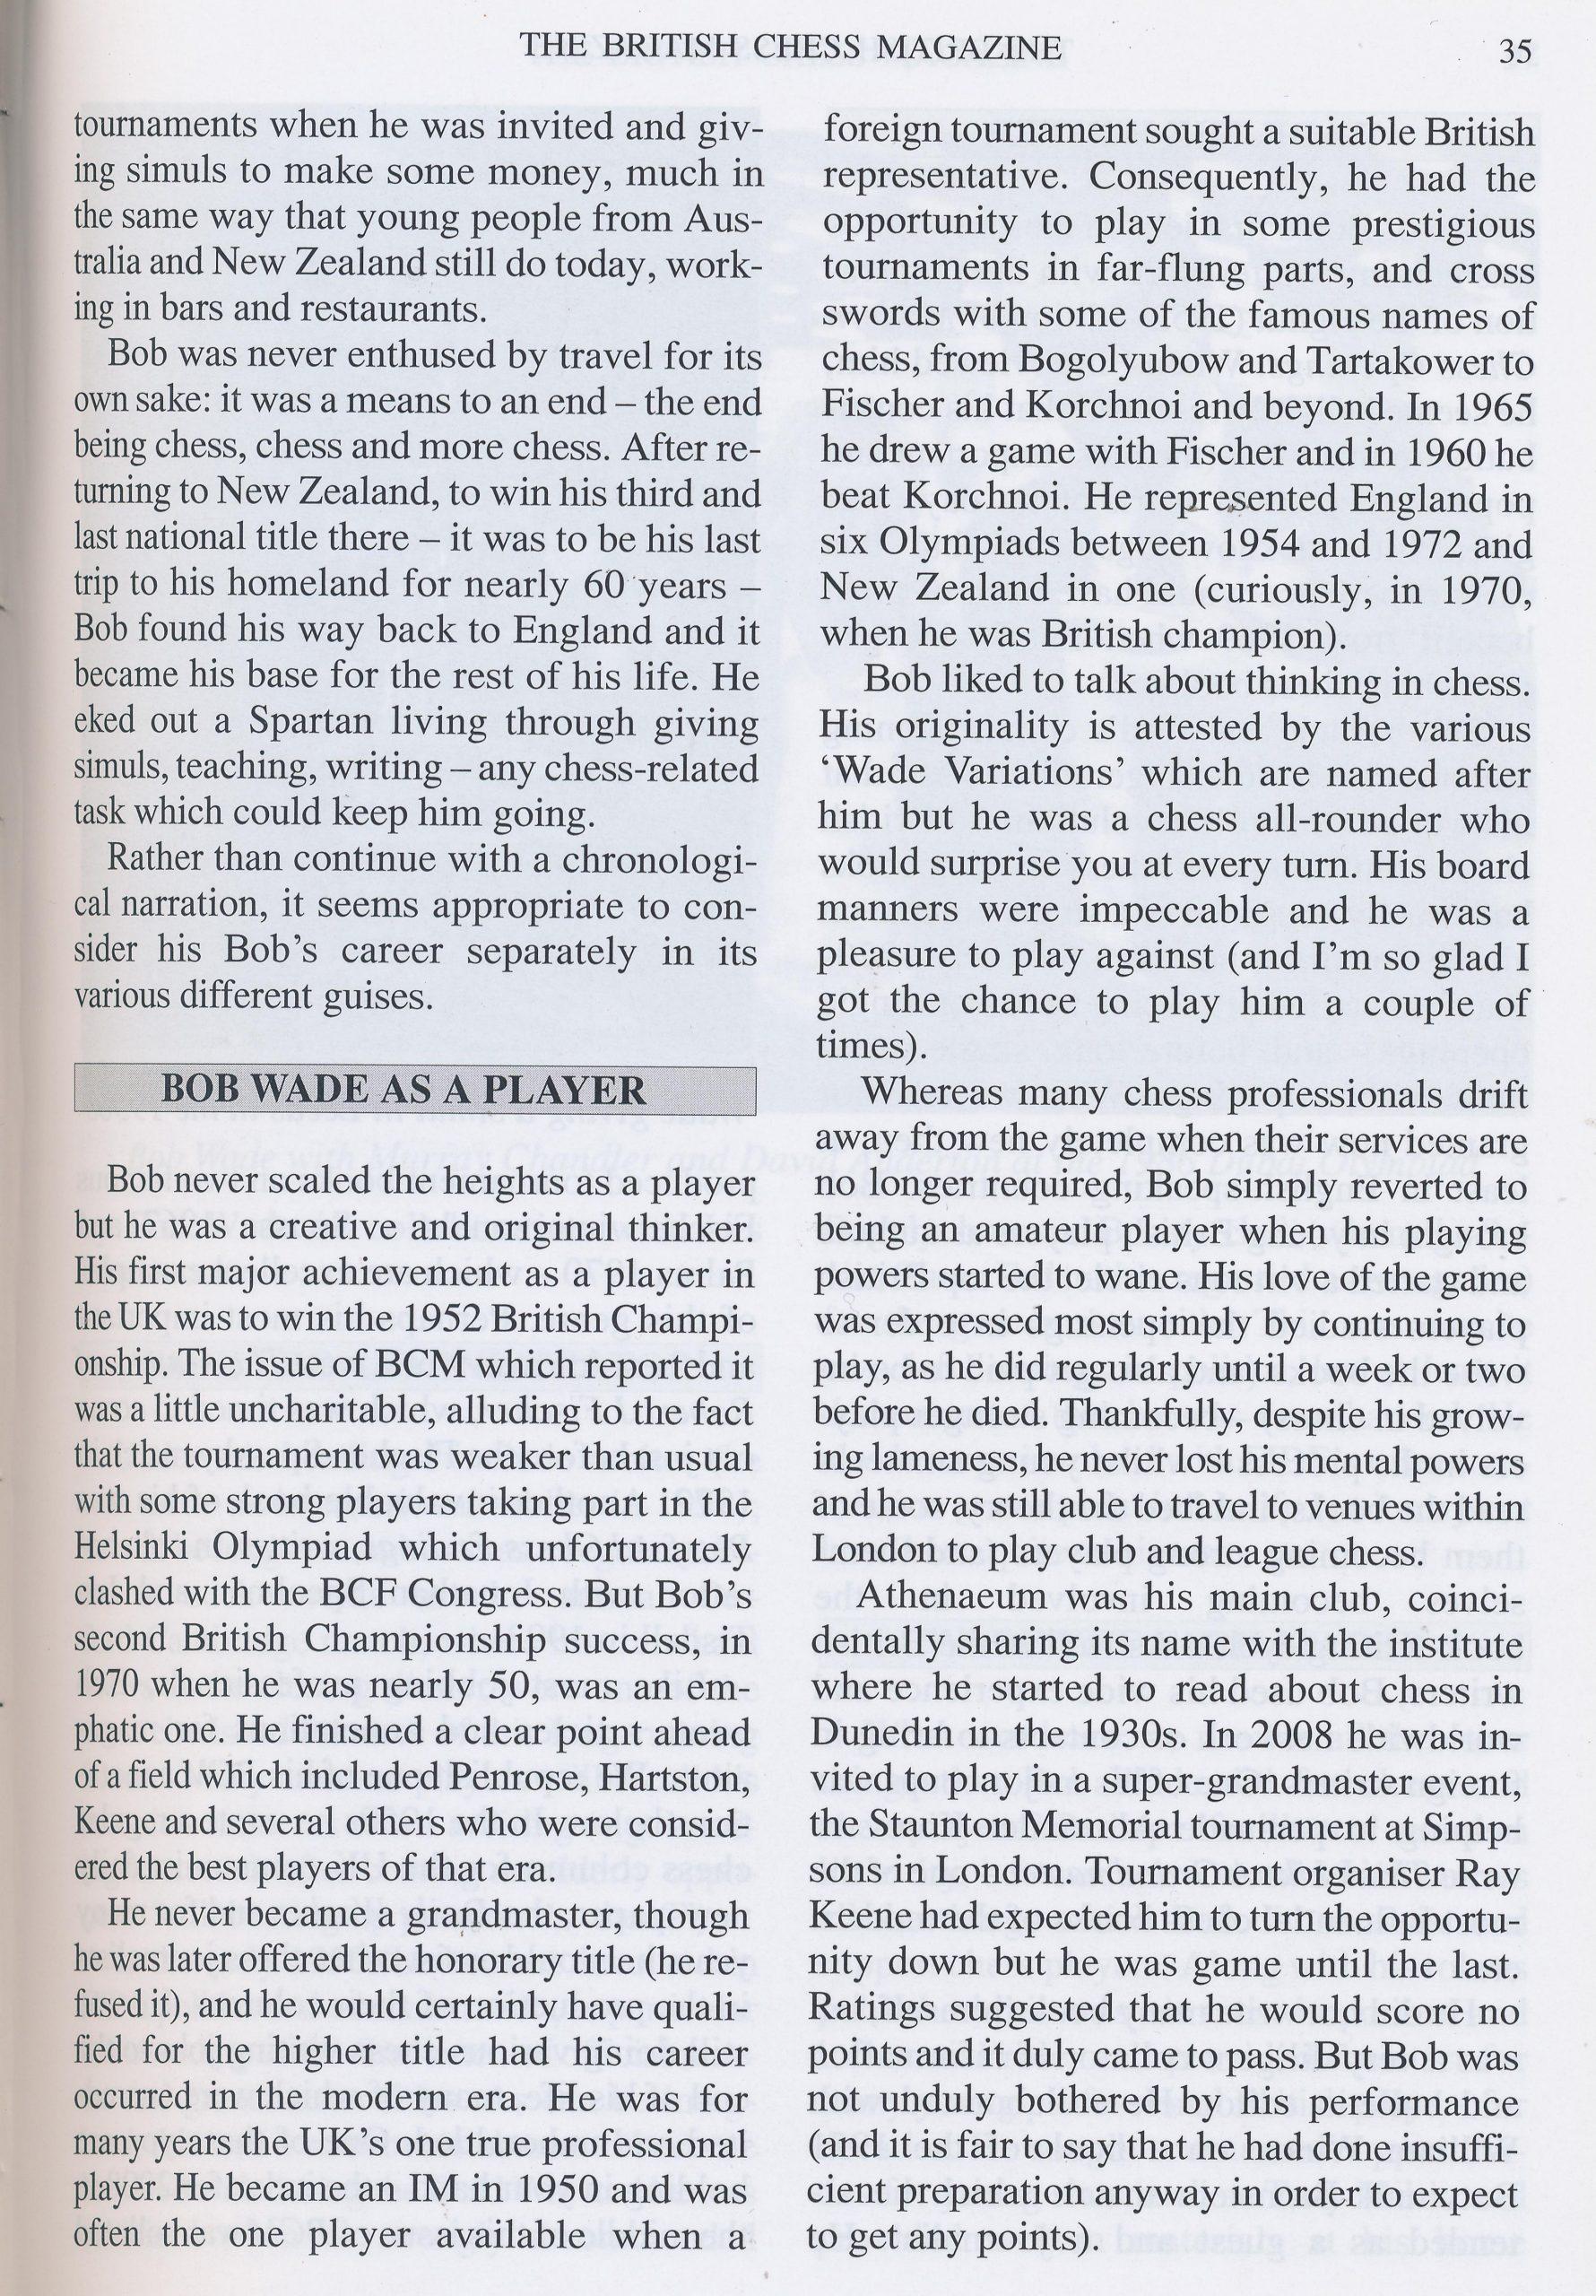 British Chess Magazine, Volume CXXIX (129, 2009), #1 (January), pp. 34-43